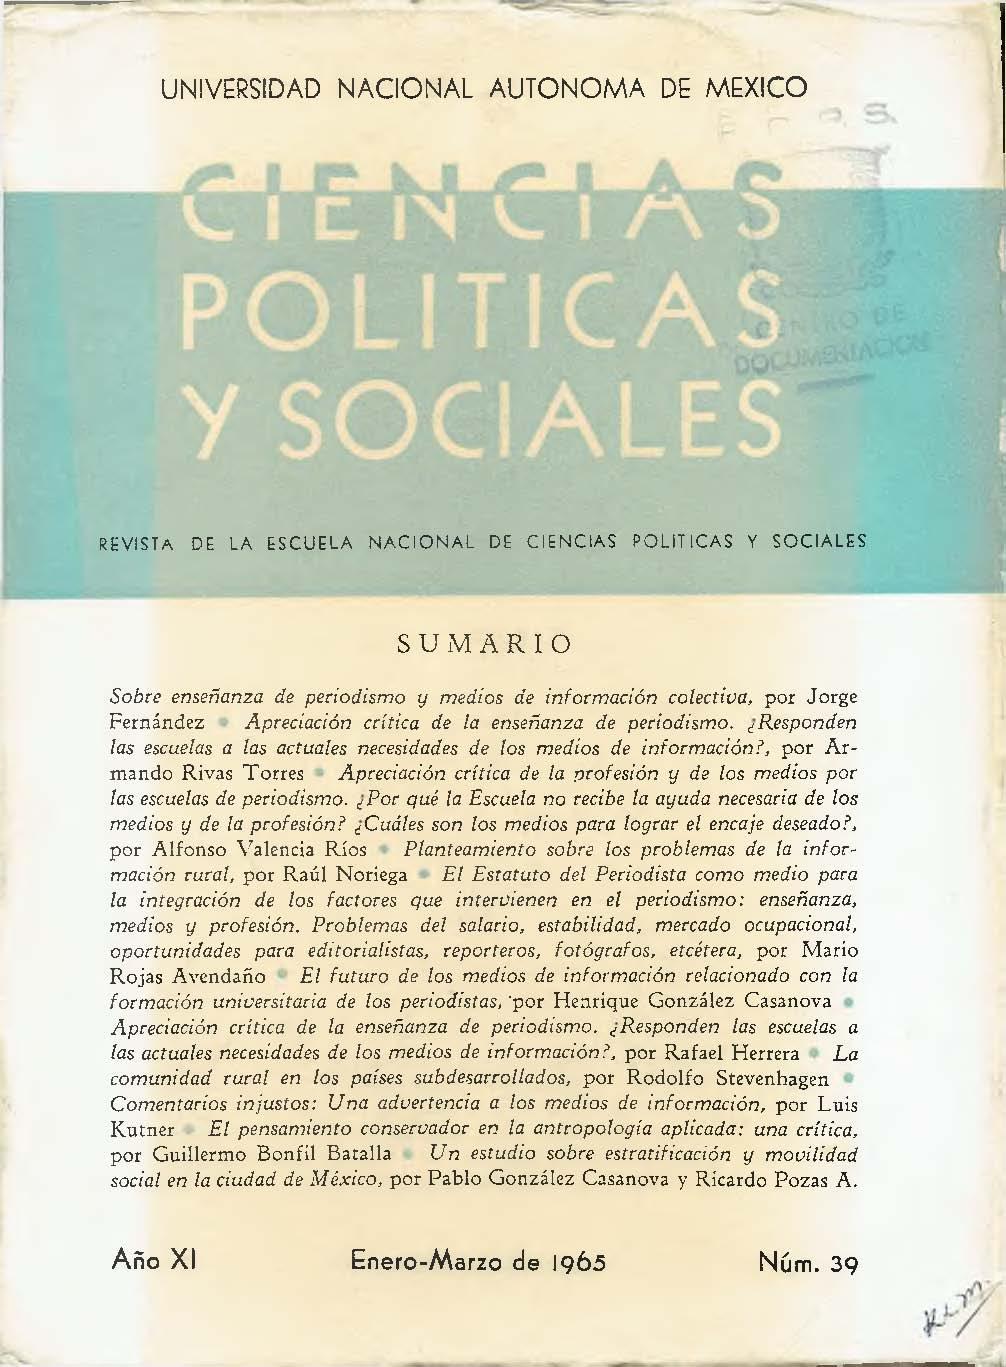 Un Estudio Sobre Estratificación Y Movilidad Social En La Ciudad De México